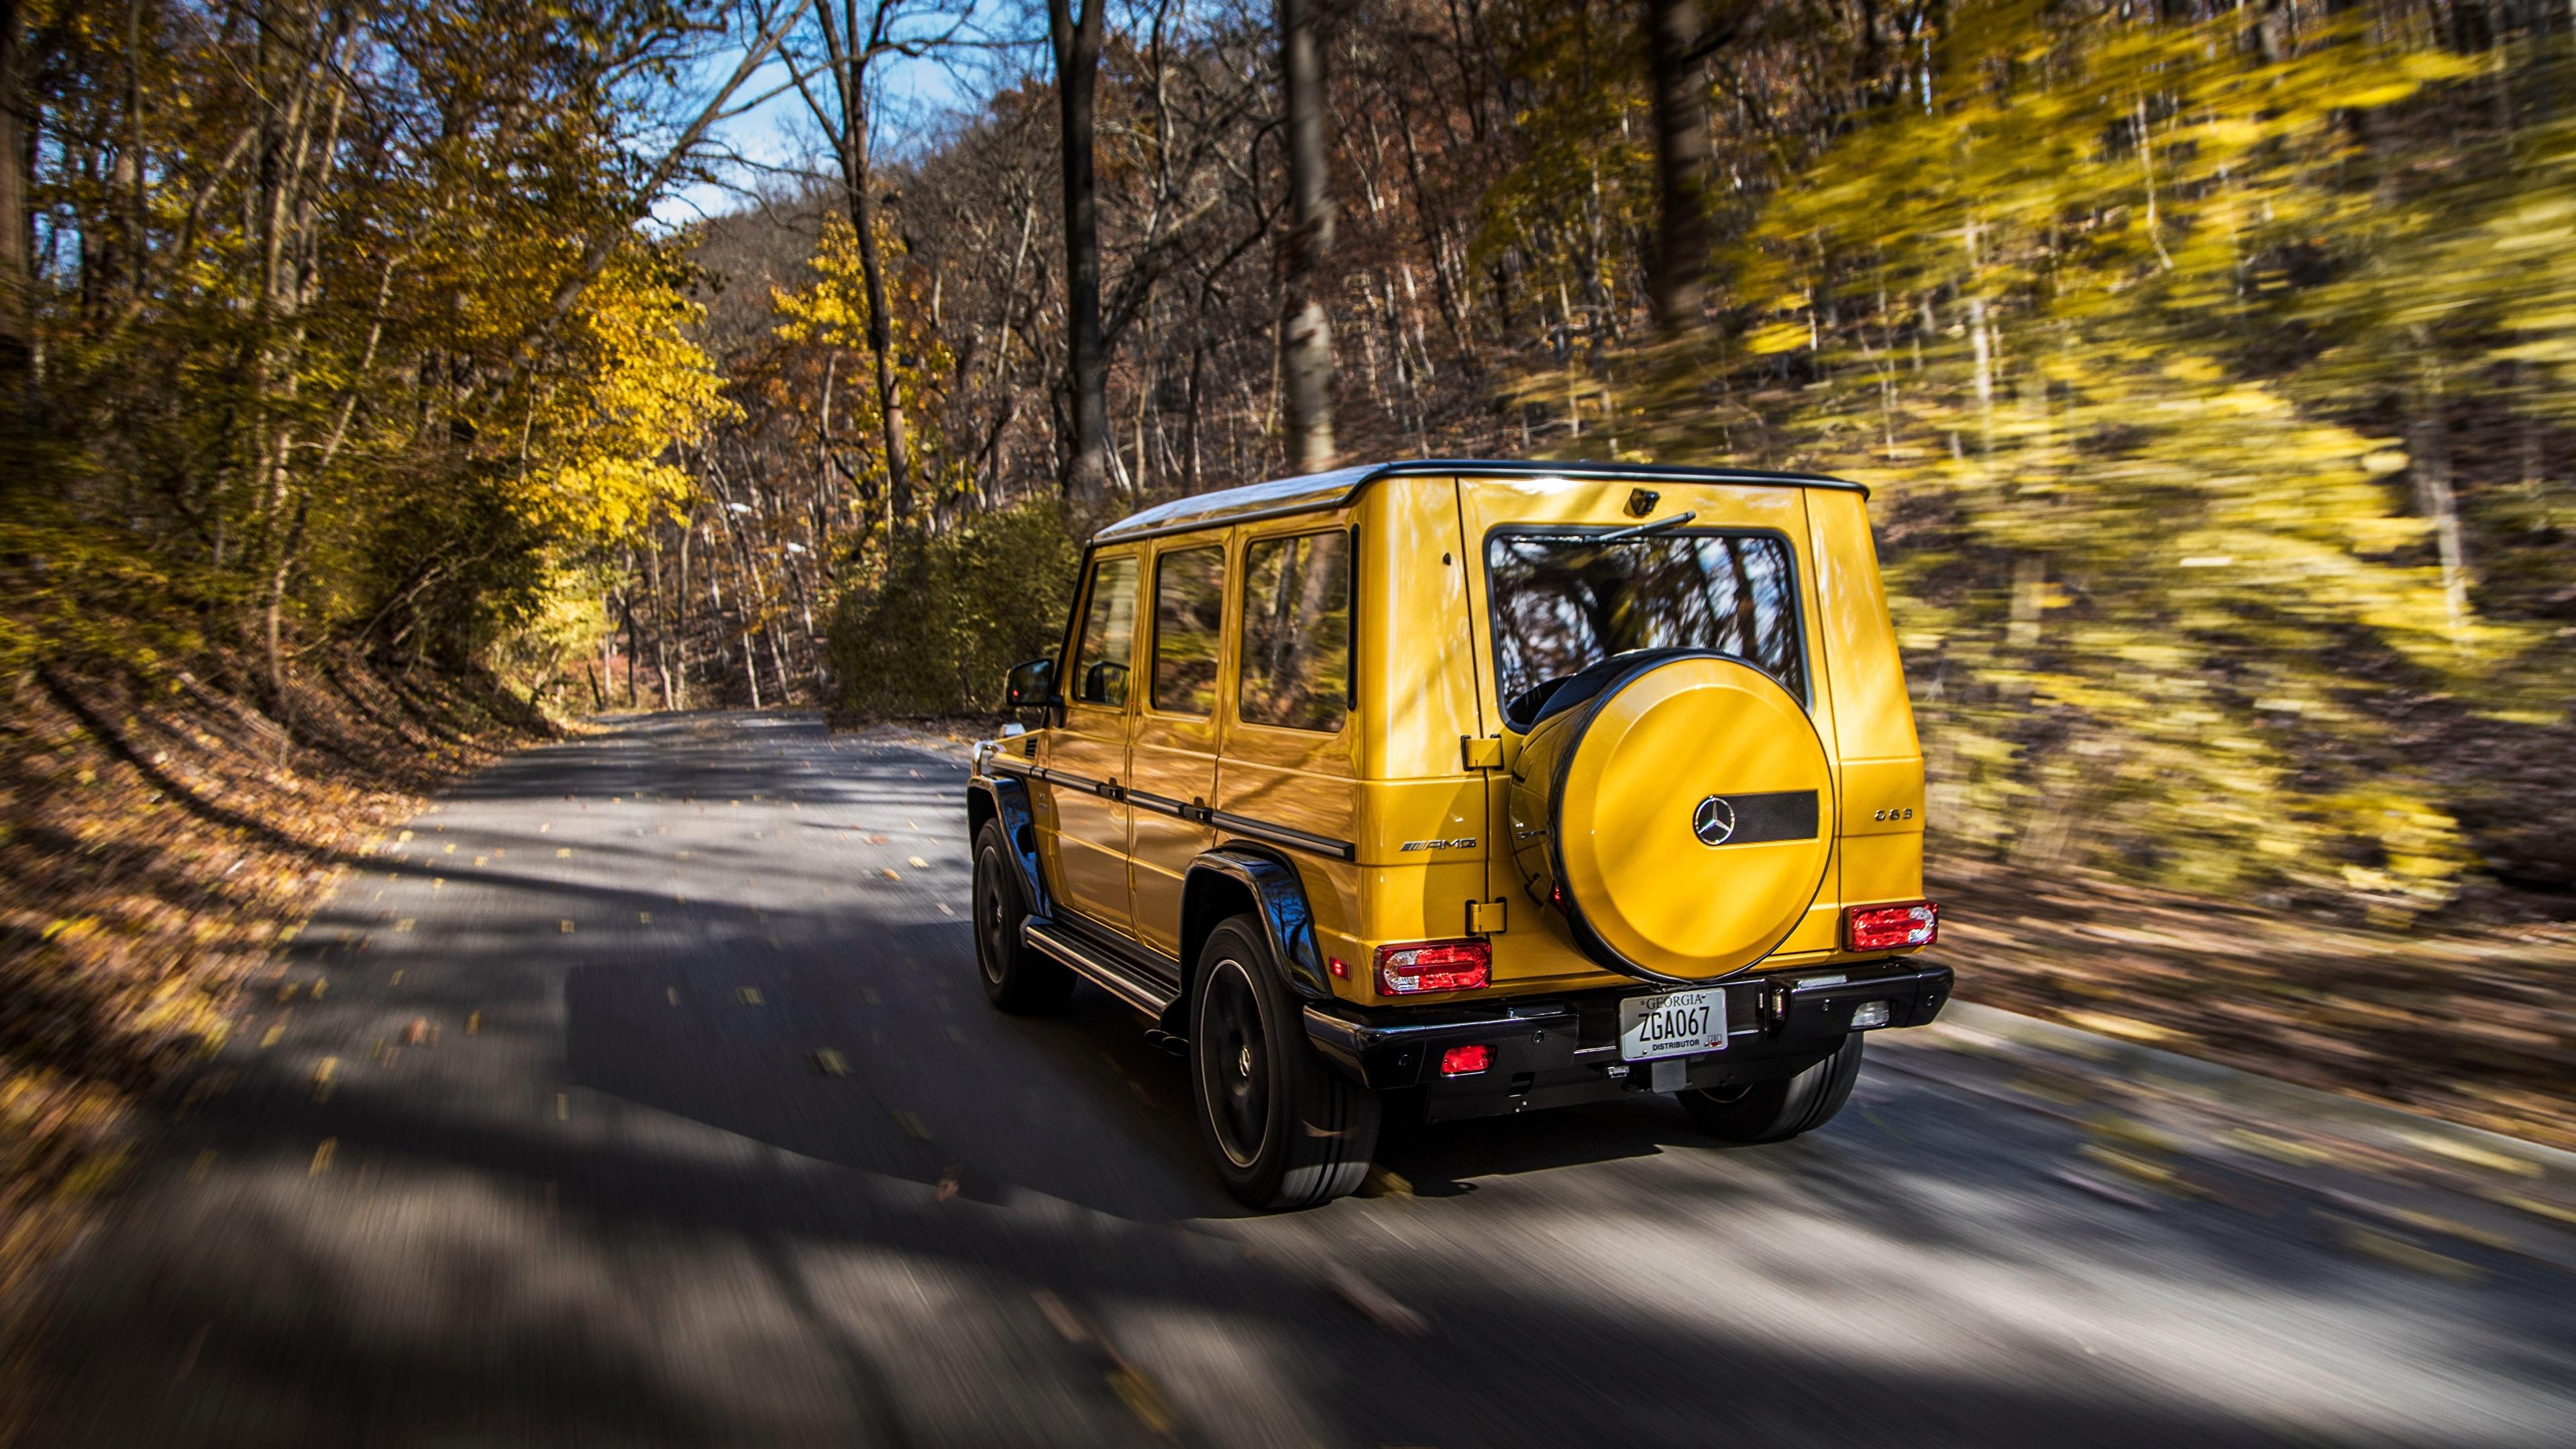 Картинки Mercedes-Benz G-класс AMG G63 2017 Colour Edition желтых скорость авто Сзади 3840x2160 Мерседес бенц Гелентваген Желтый желтые желтая едет едущий едущая Движение машина машины вид сзади автомобиль Автомобили